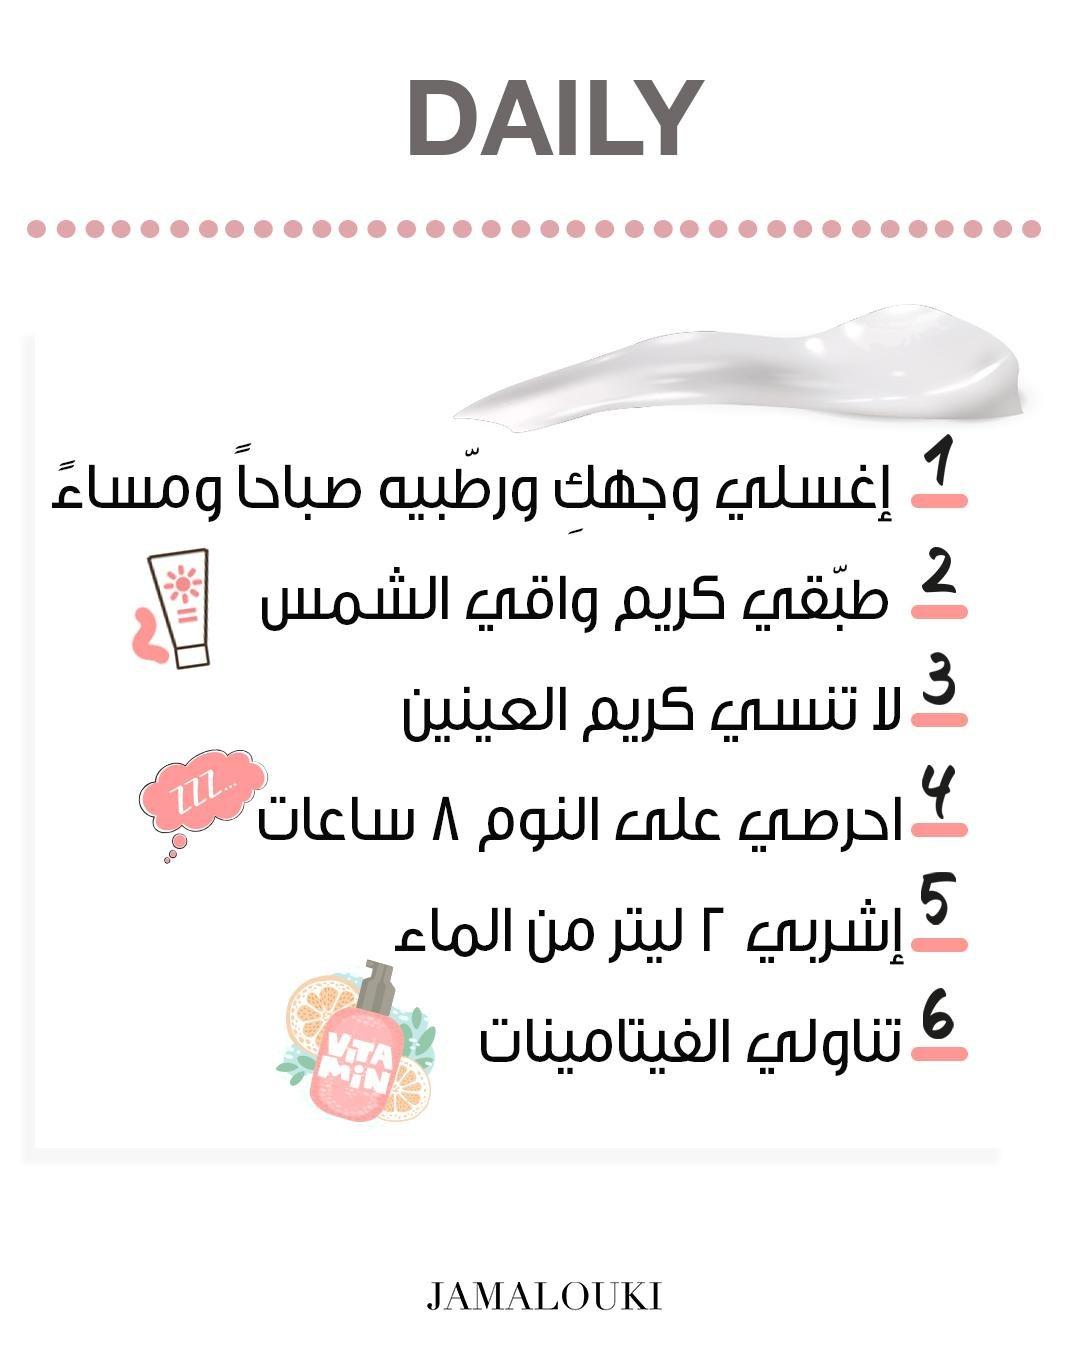 جدول تنظيم الوقت في الاجازة الصيفية انشطة صيفية للاطفال في العطلة الصيفية بالعربي نتعلم